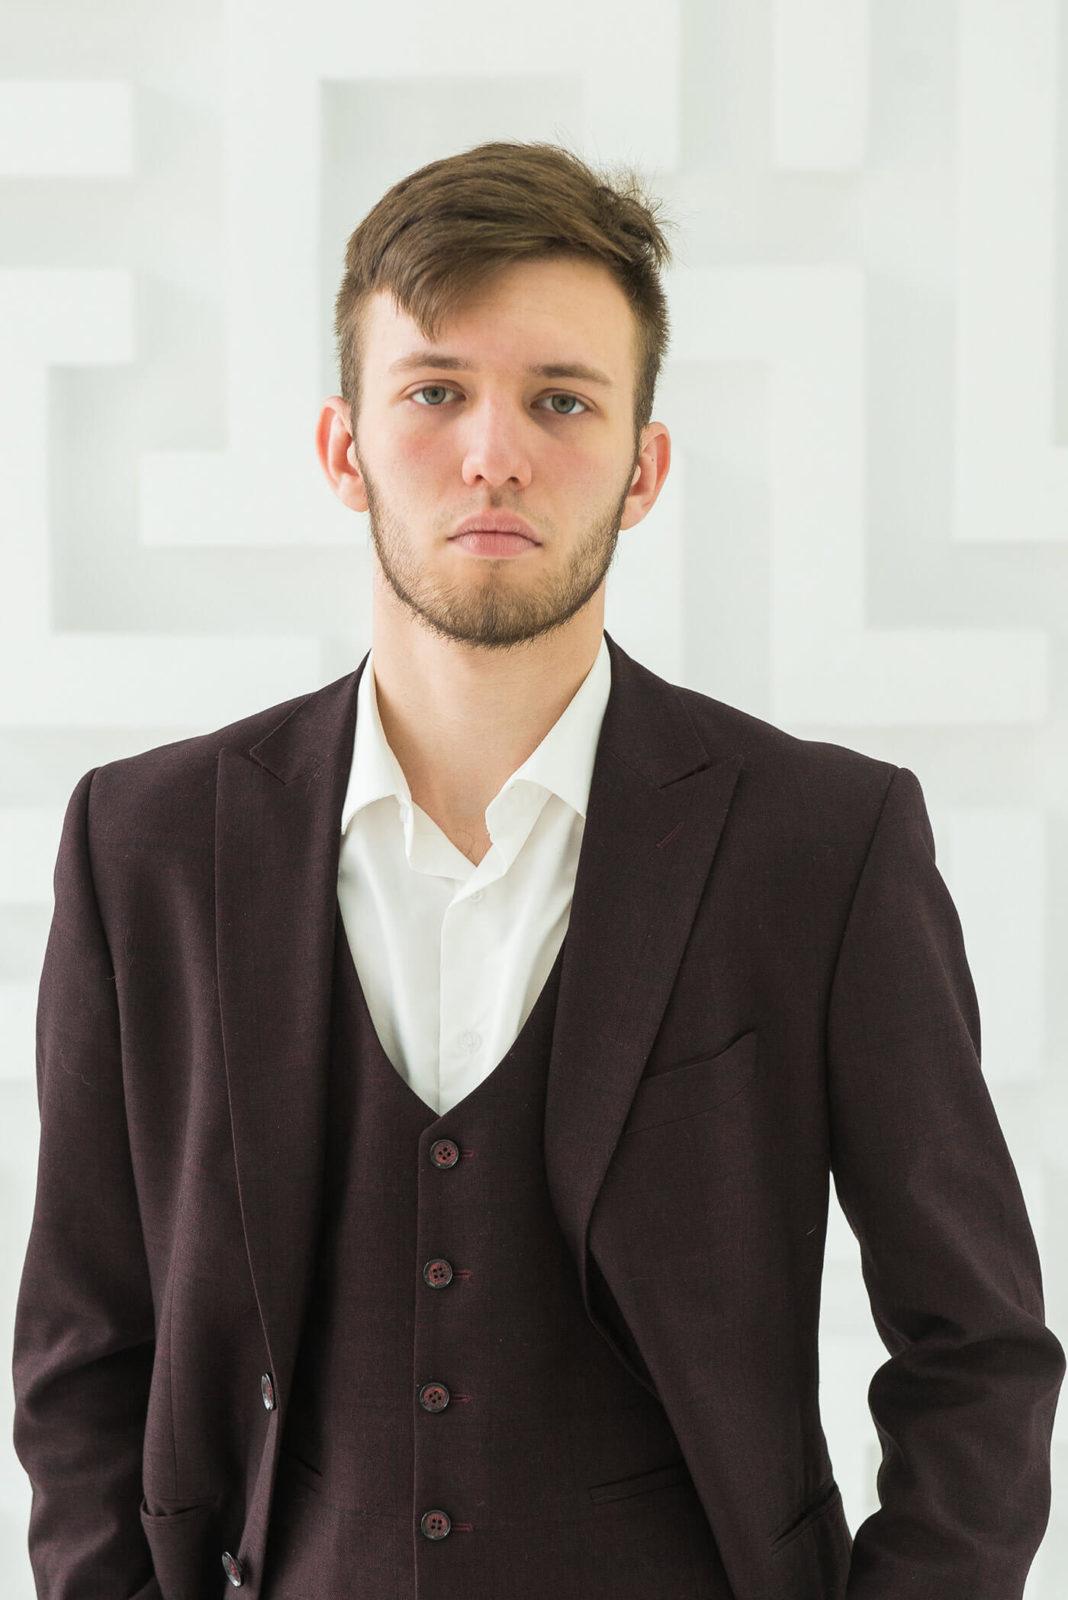 Алексей Алексеевич, преподаватель математики, информатики и программирования